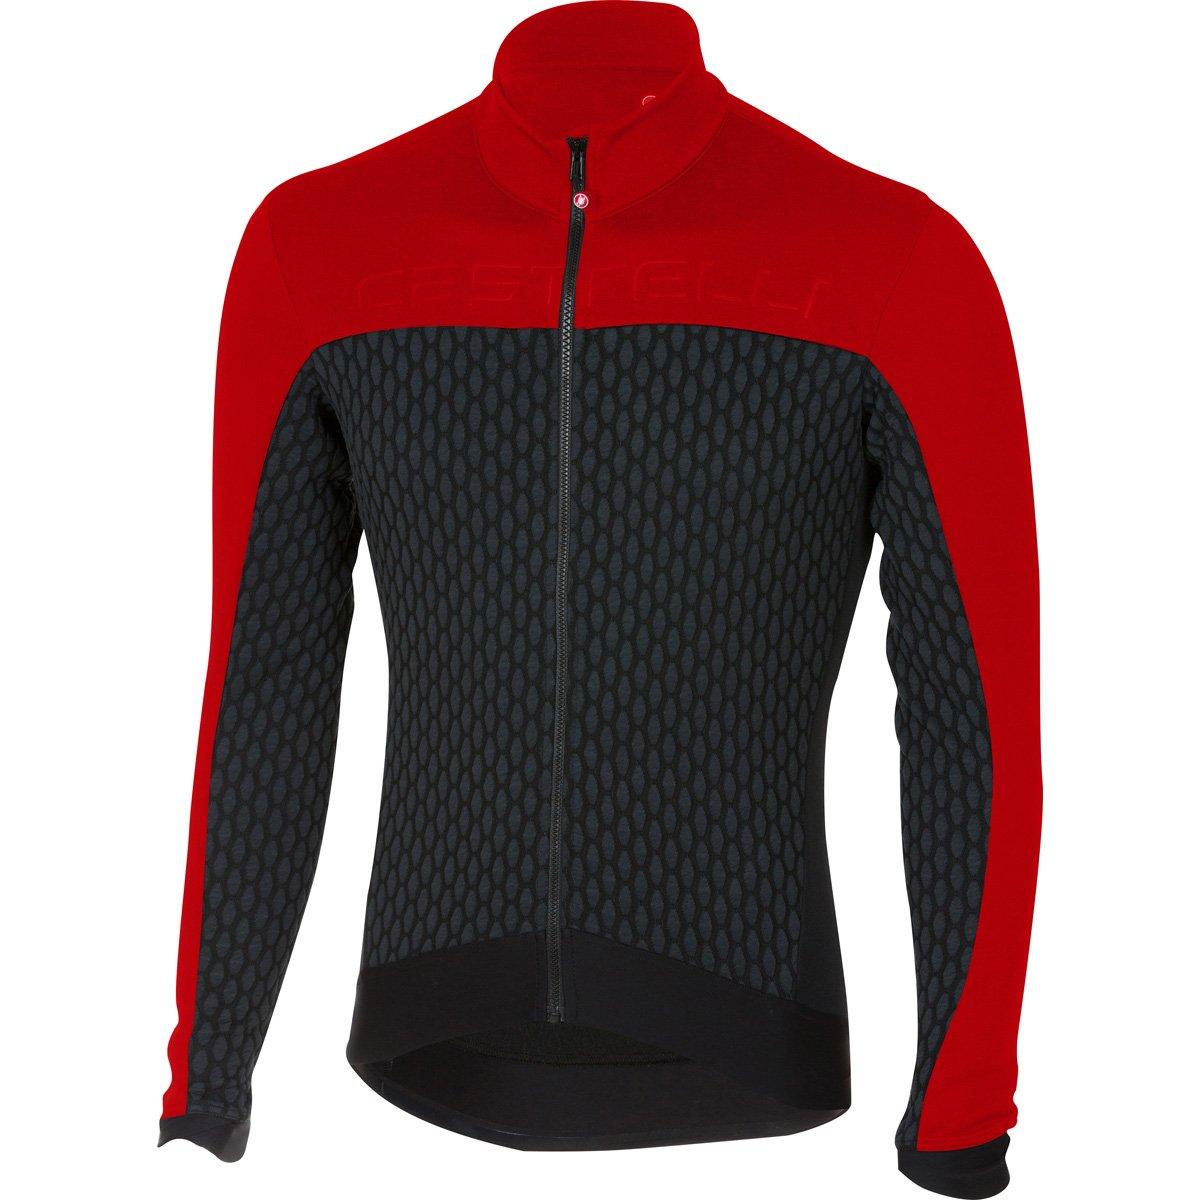 Castelli 2017 / 18メンズSfidaフルZip長袖サイクリングジャージー – a17510 B074WNBFFV Small|ブラック/レッド ブラック/レッド Small